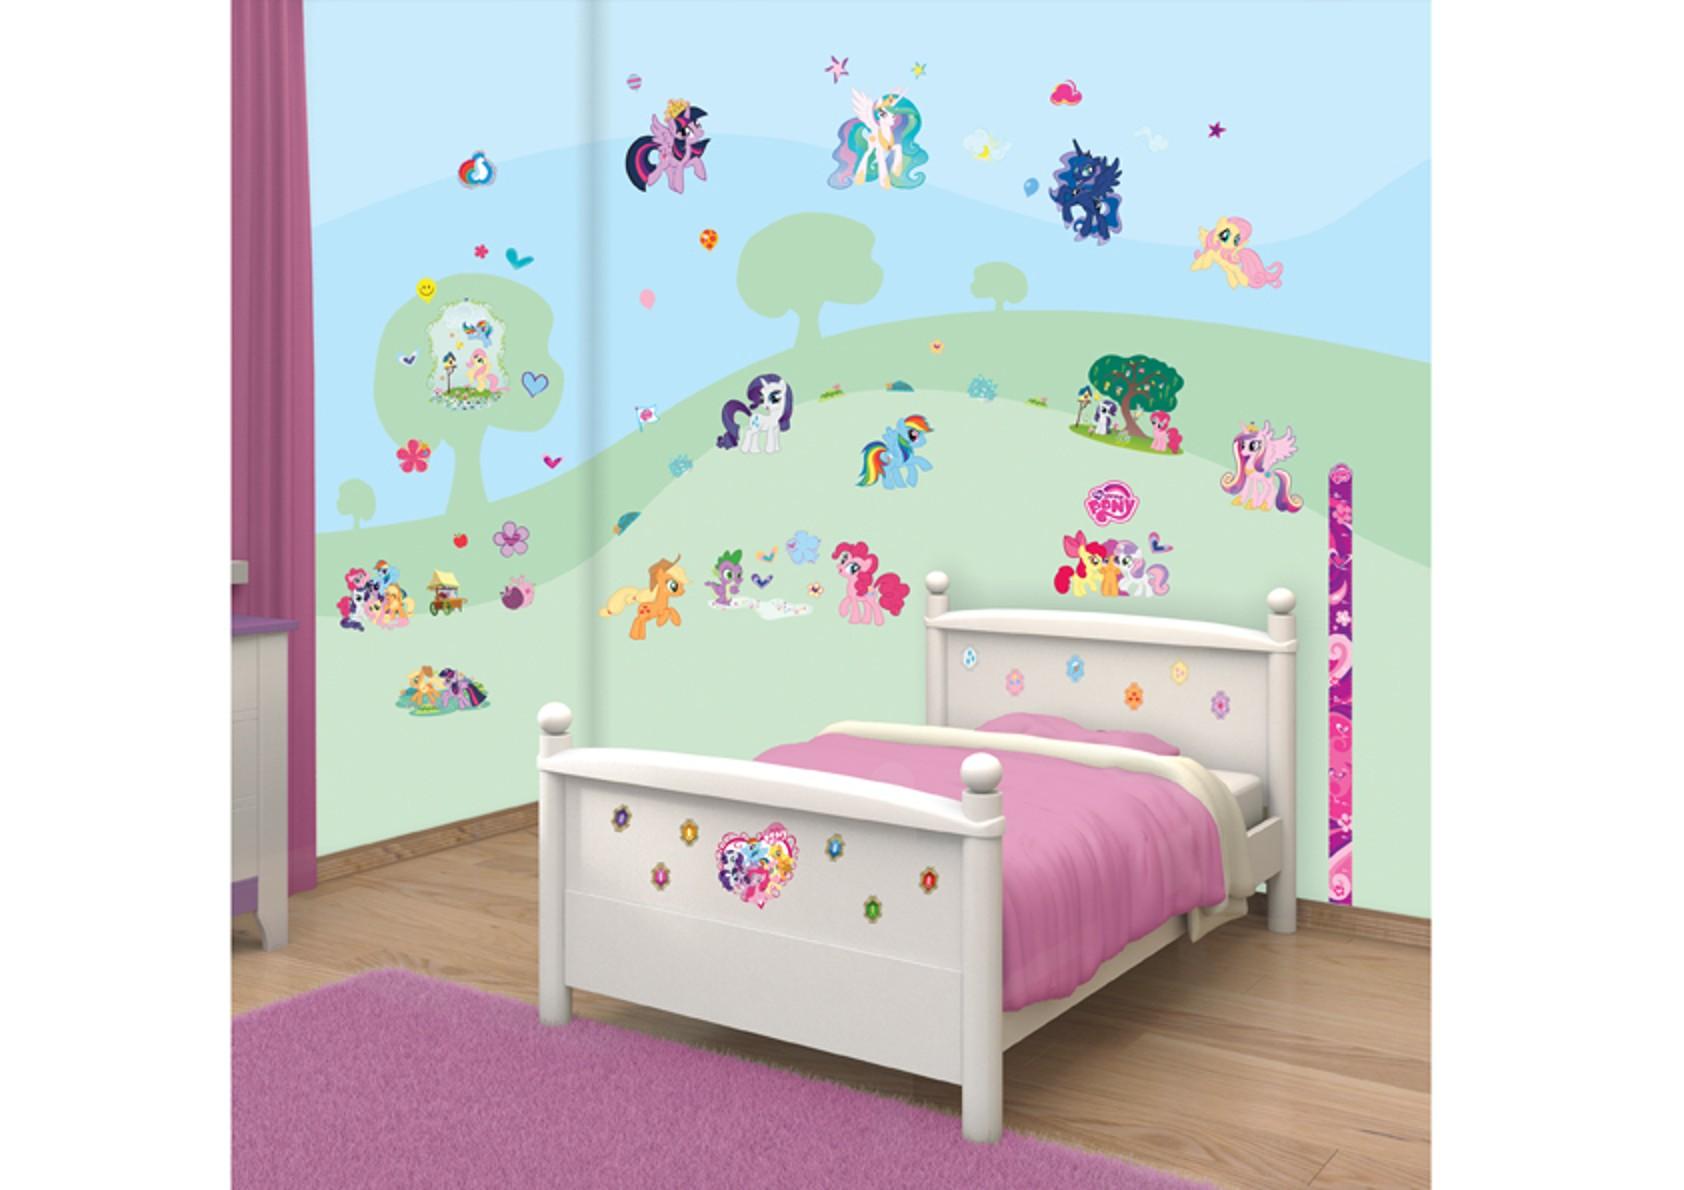 Samolepicí dekorace Walltastic My Little Pony 34 x 46 cm (Dětské samolepicí dekorace)